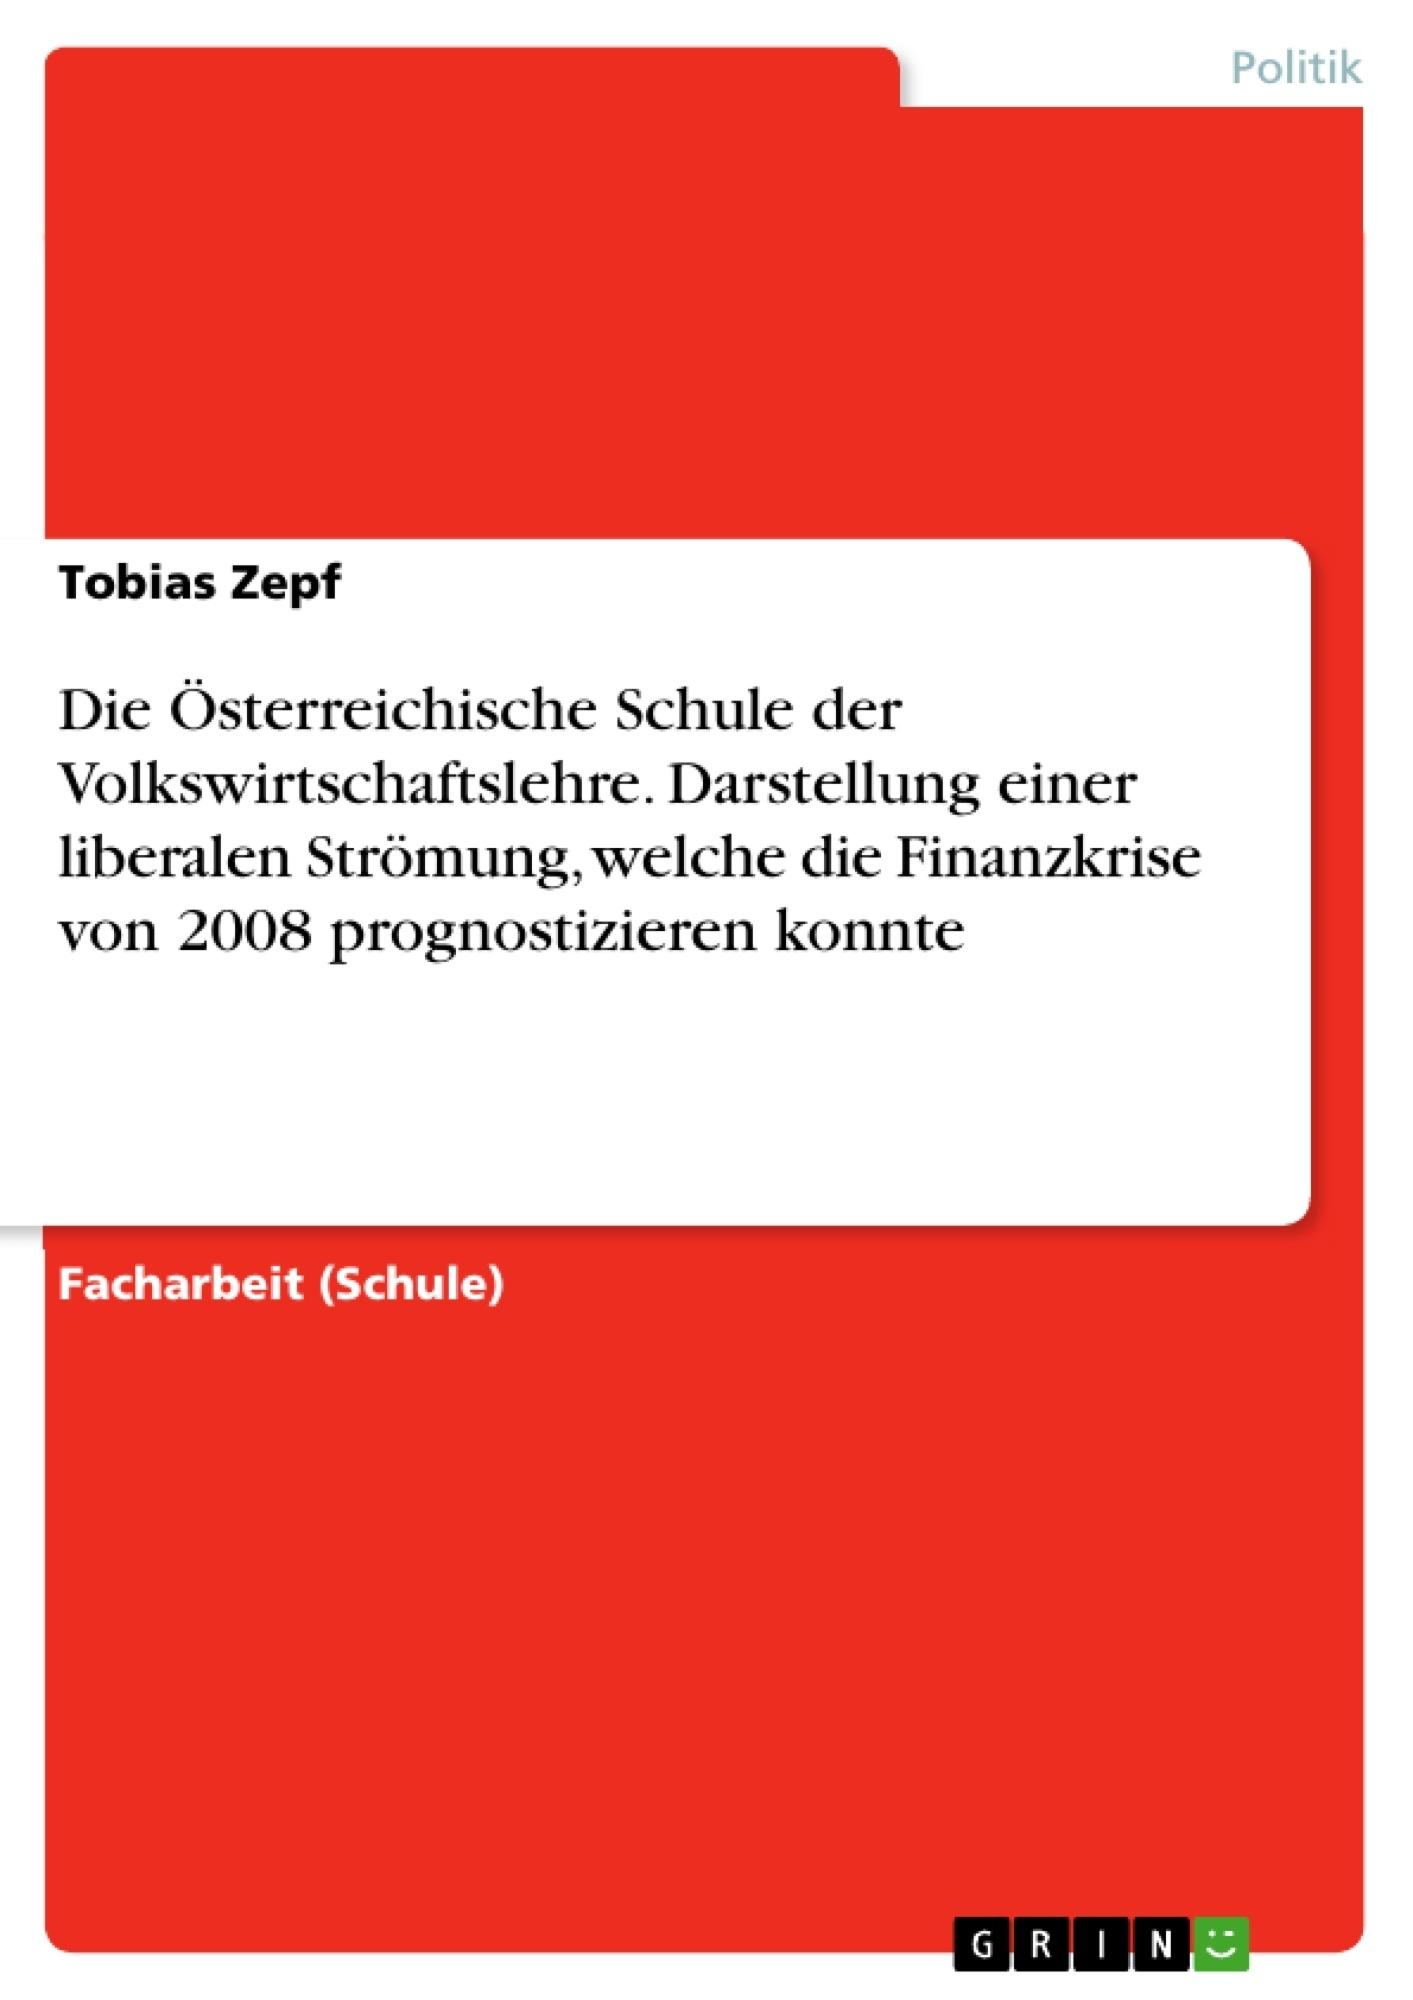 Titel: Die Österreichische Schule der Volkswirtschaftslehre. Darstellung einer  liberalen Strömung, welche die Finanzkrise von 2008 prognostizieren konnte